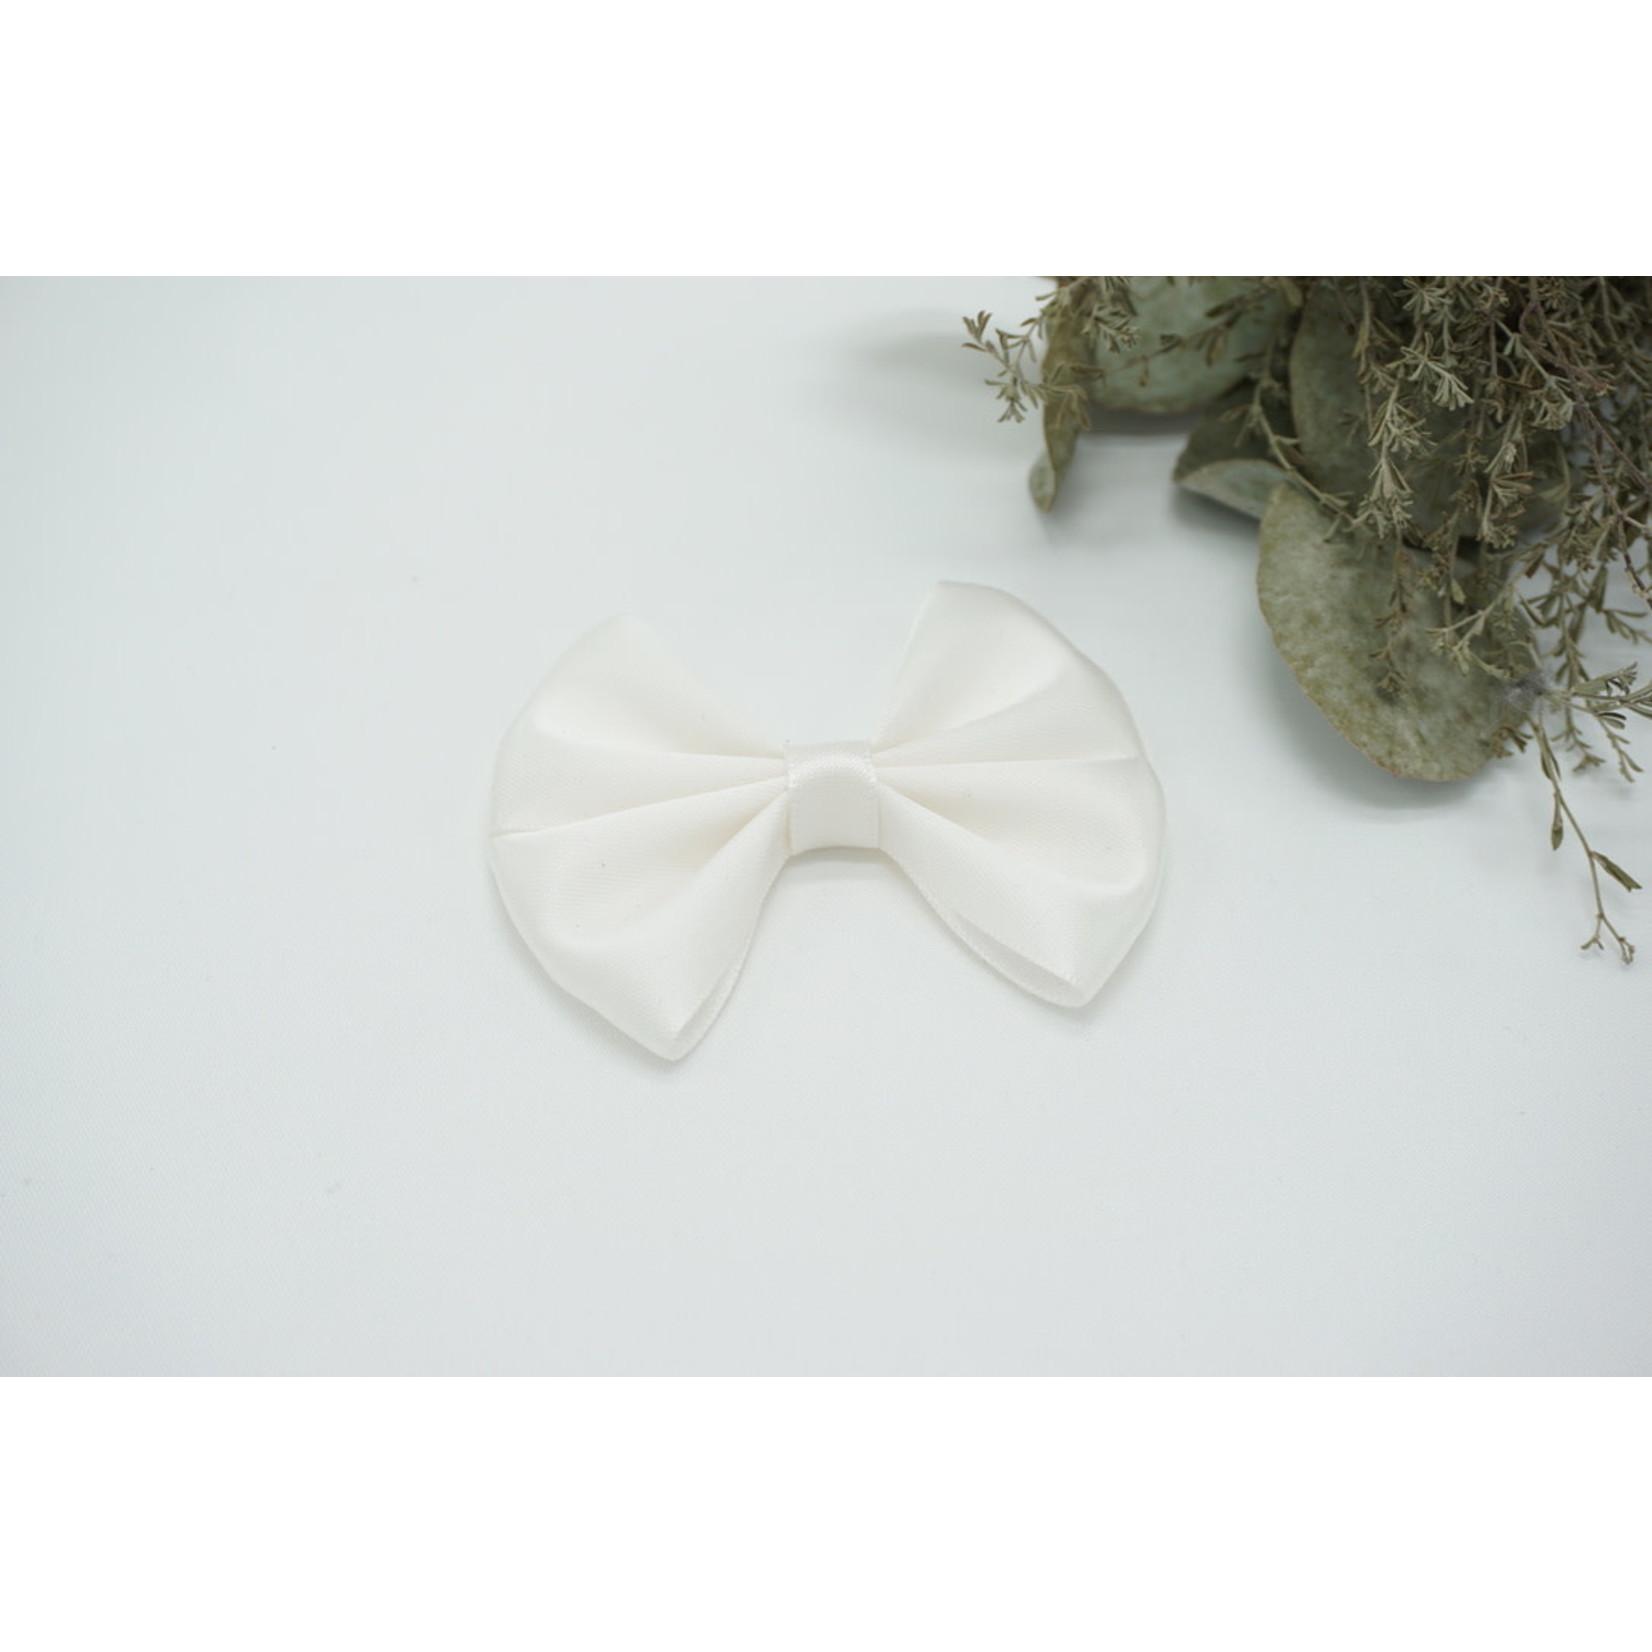 Petite Zara Satin Bow - Offwhite